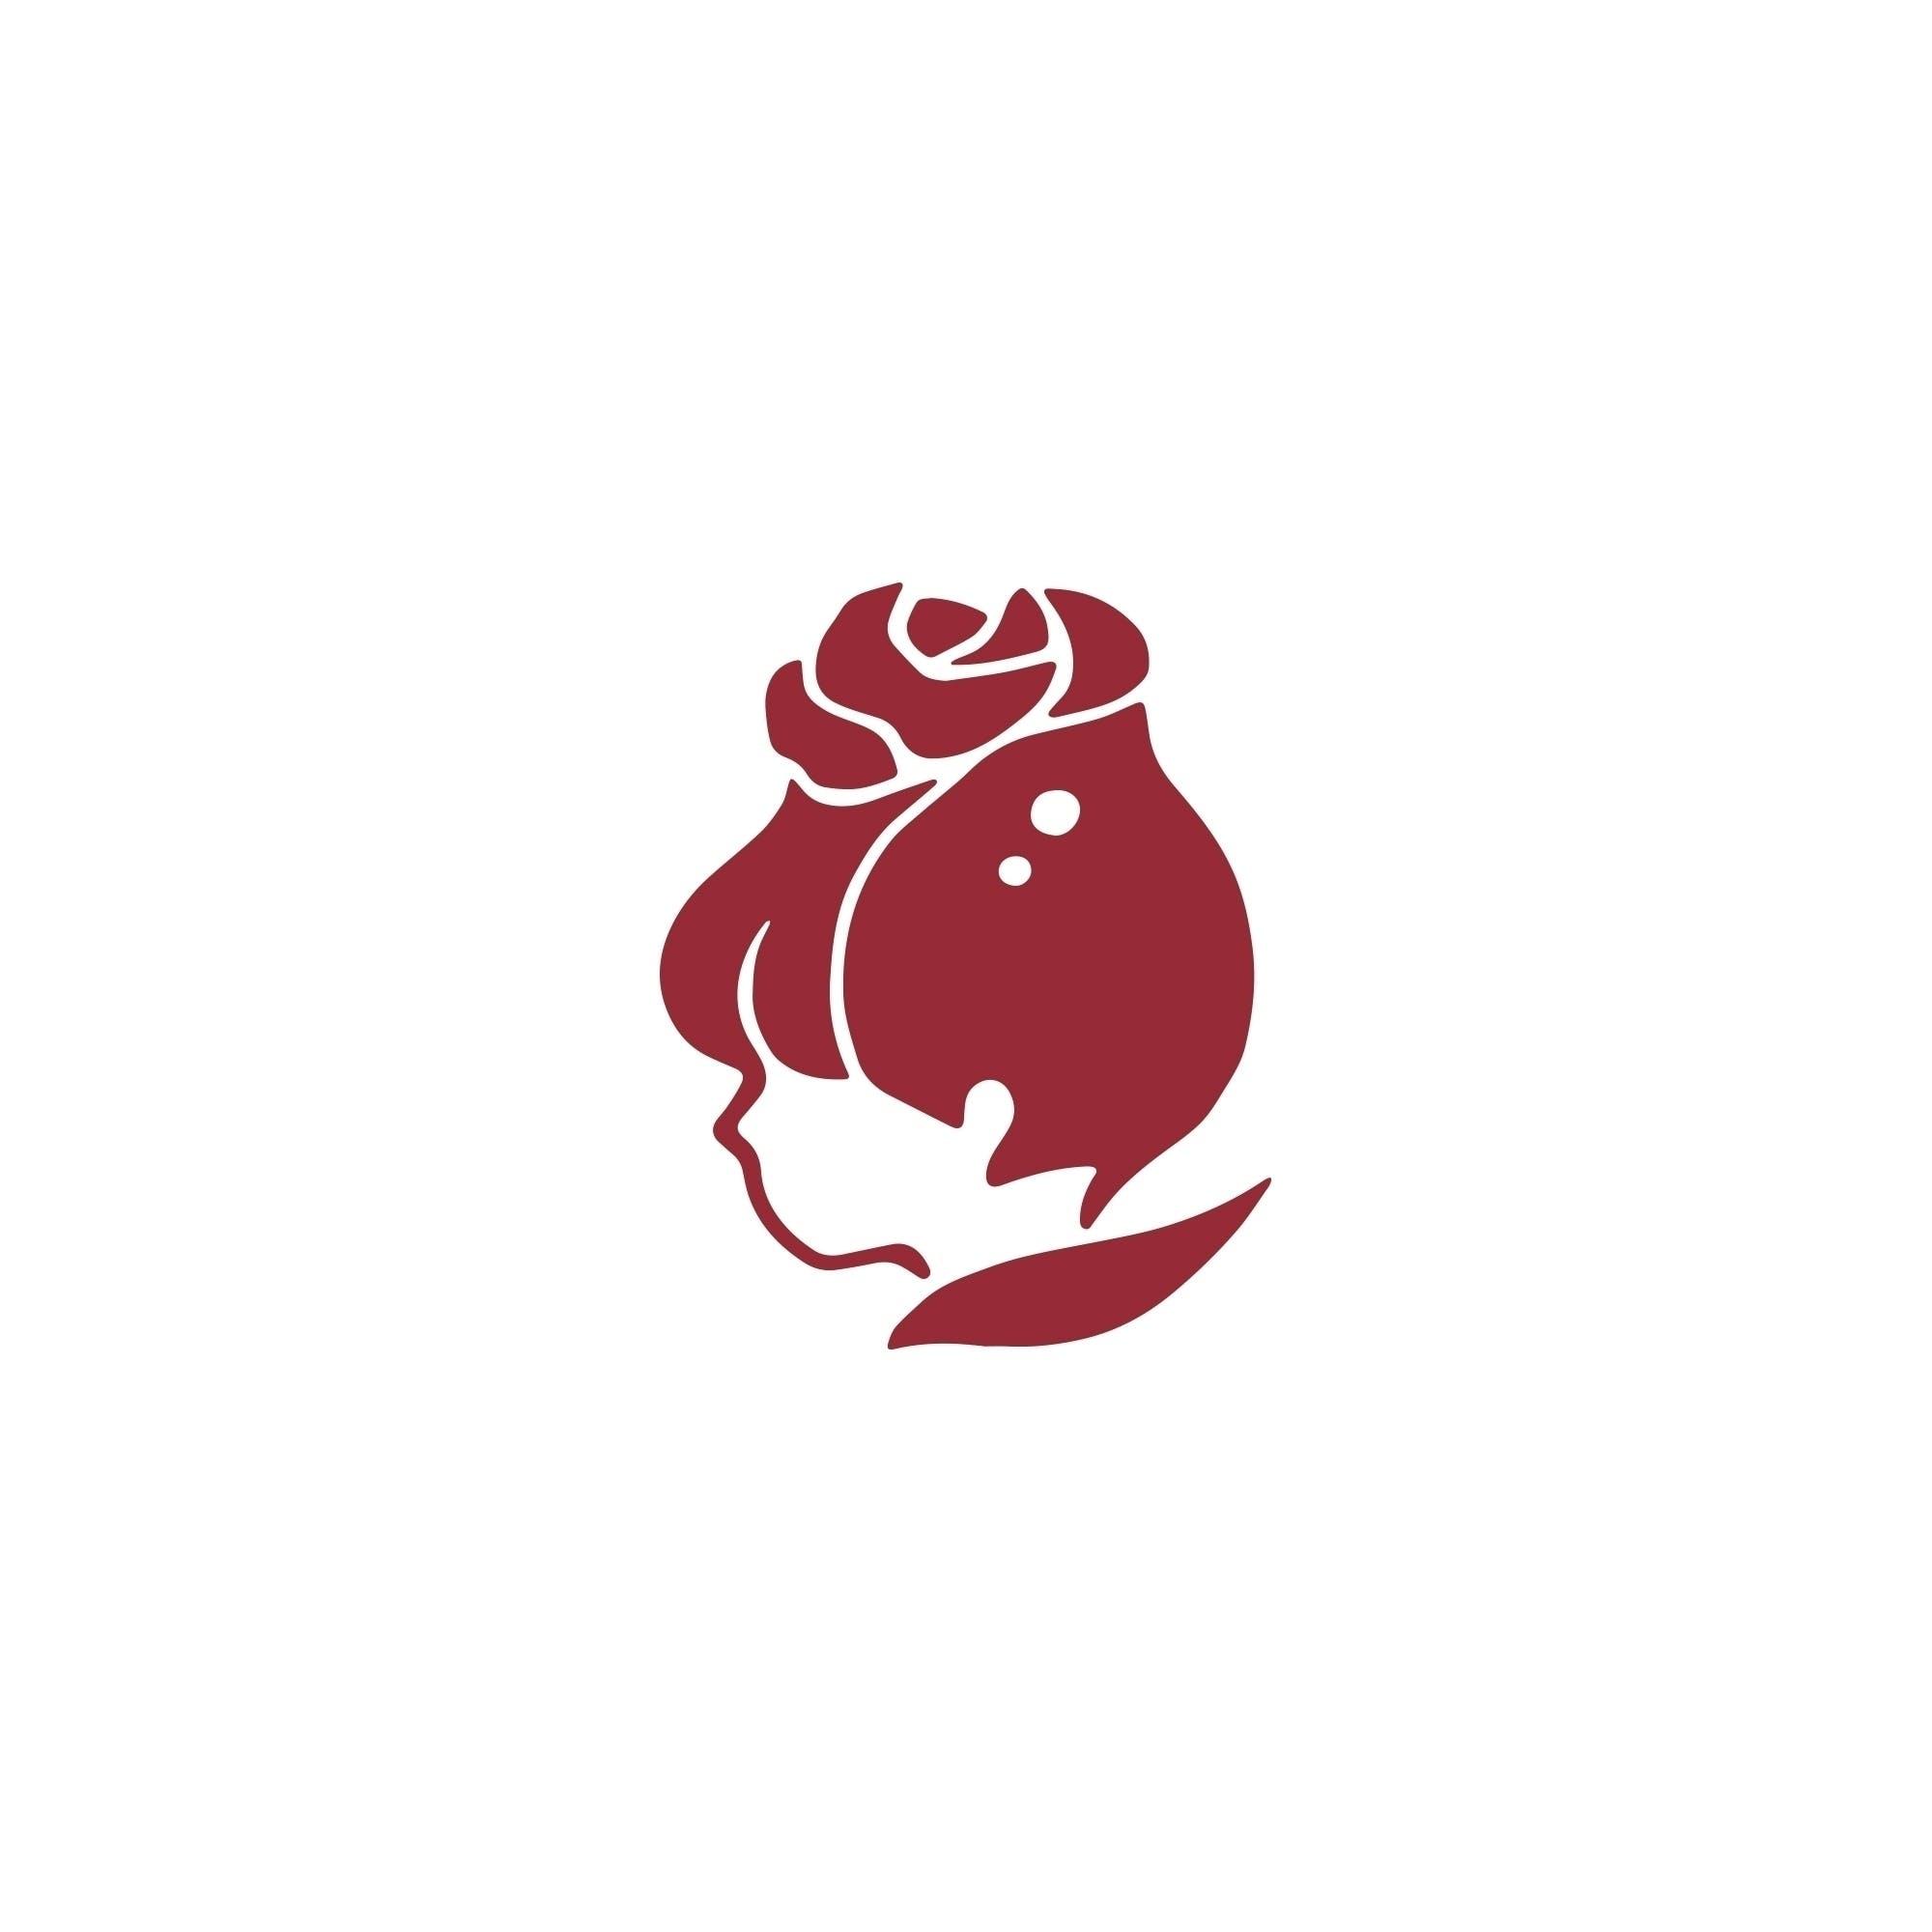 ロゴ完成版 180916 0027